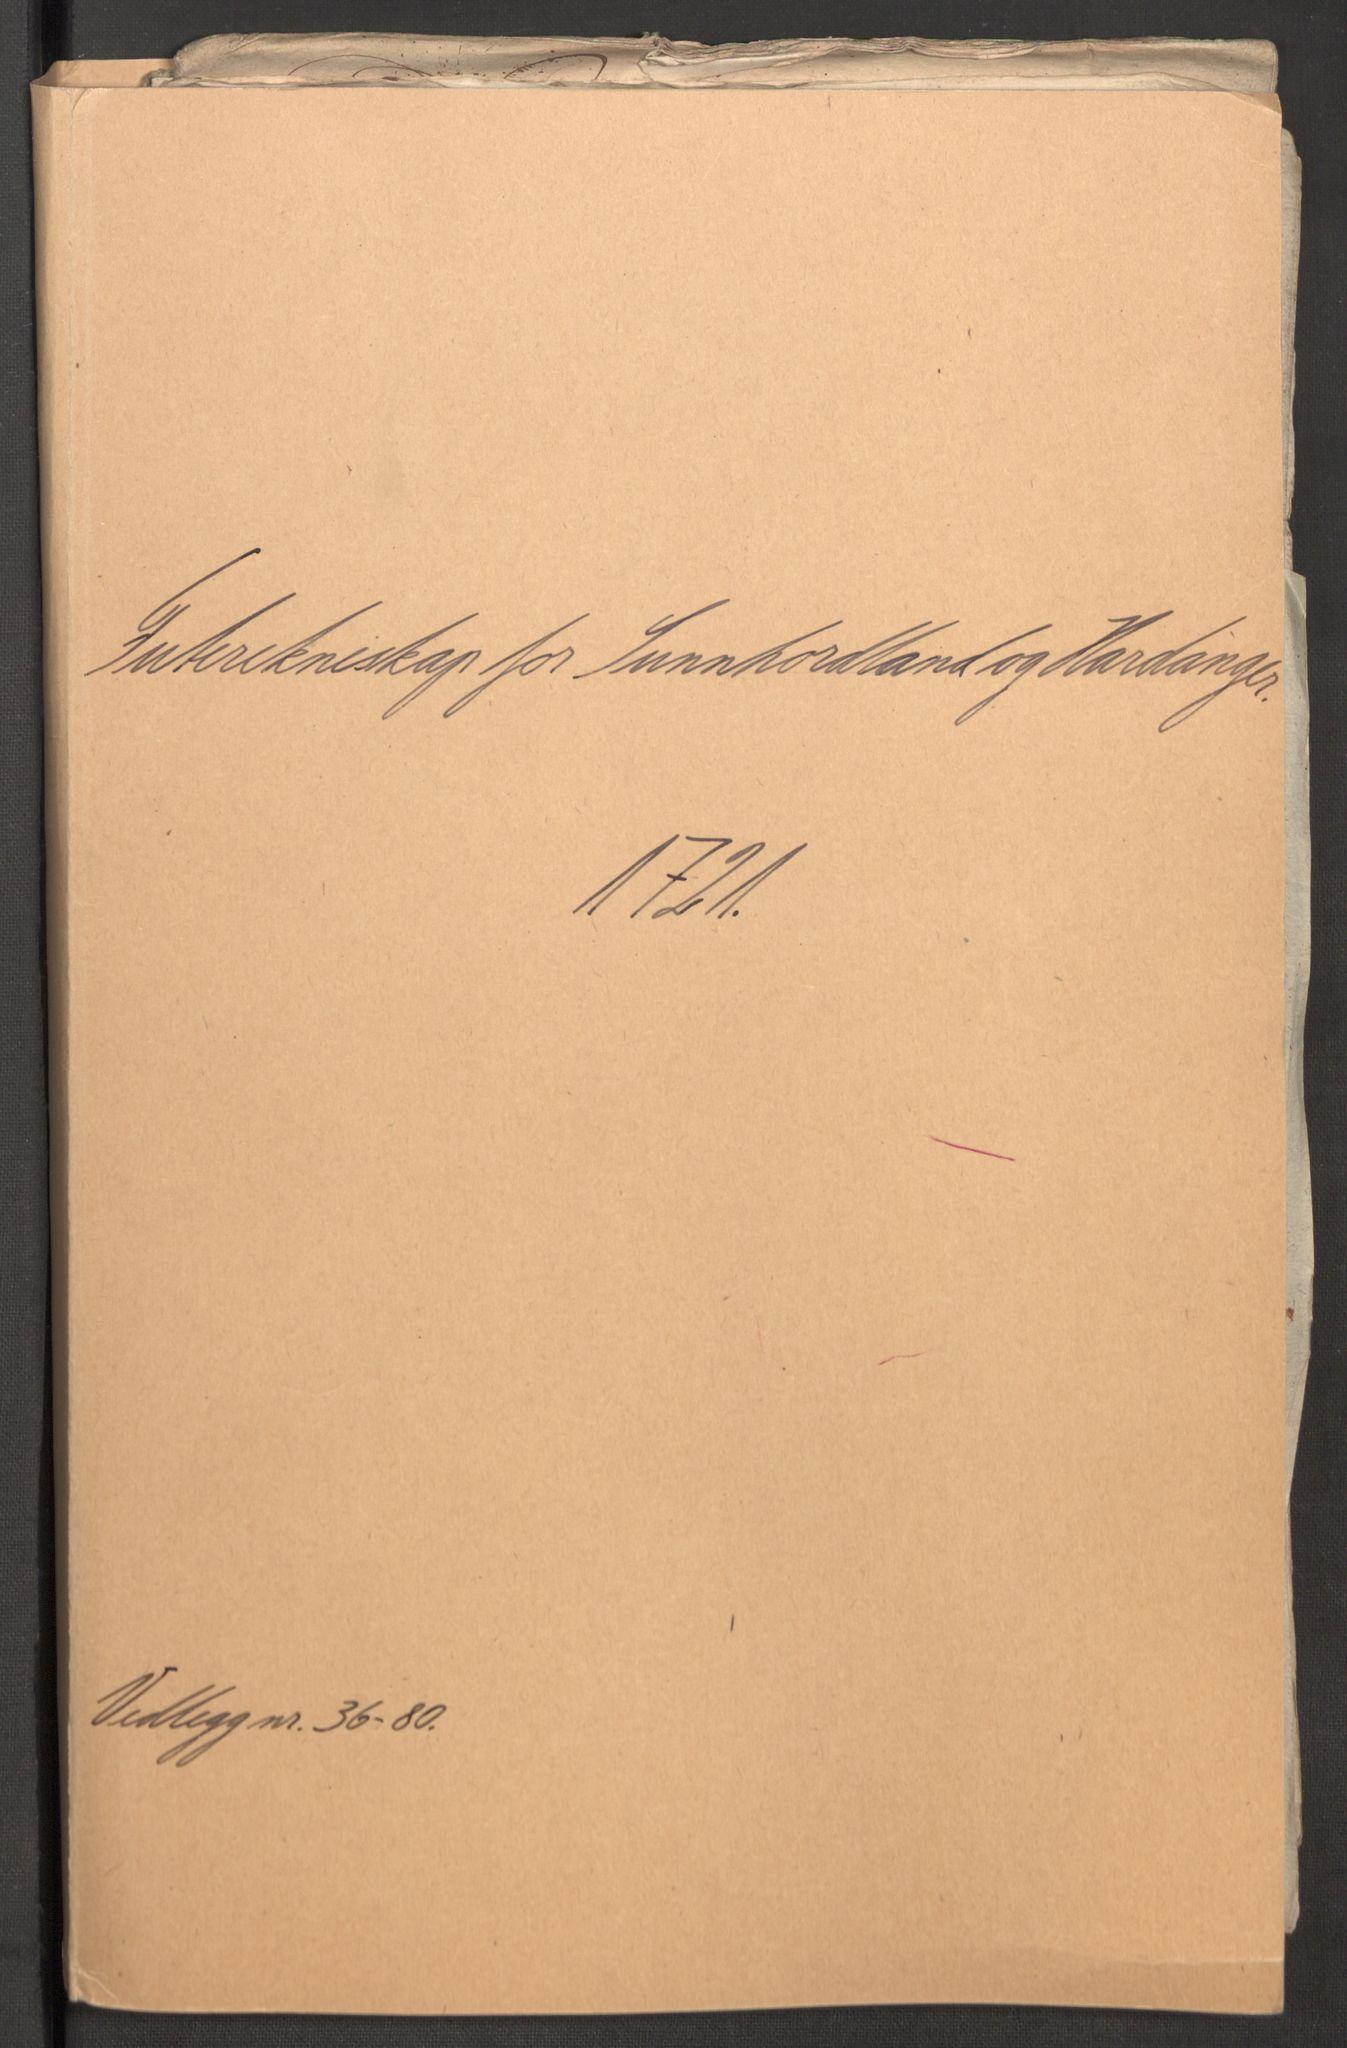 RA, Rentekammeret inntil 1814, Reviderte regnskaper, Fogderegnskap, R48/L3000: Fogderegnskap Sunnhordland og Hardanger, 1721, s. 211